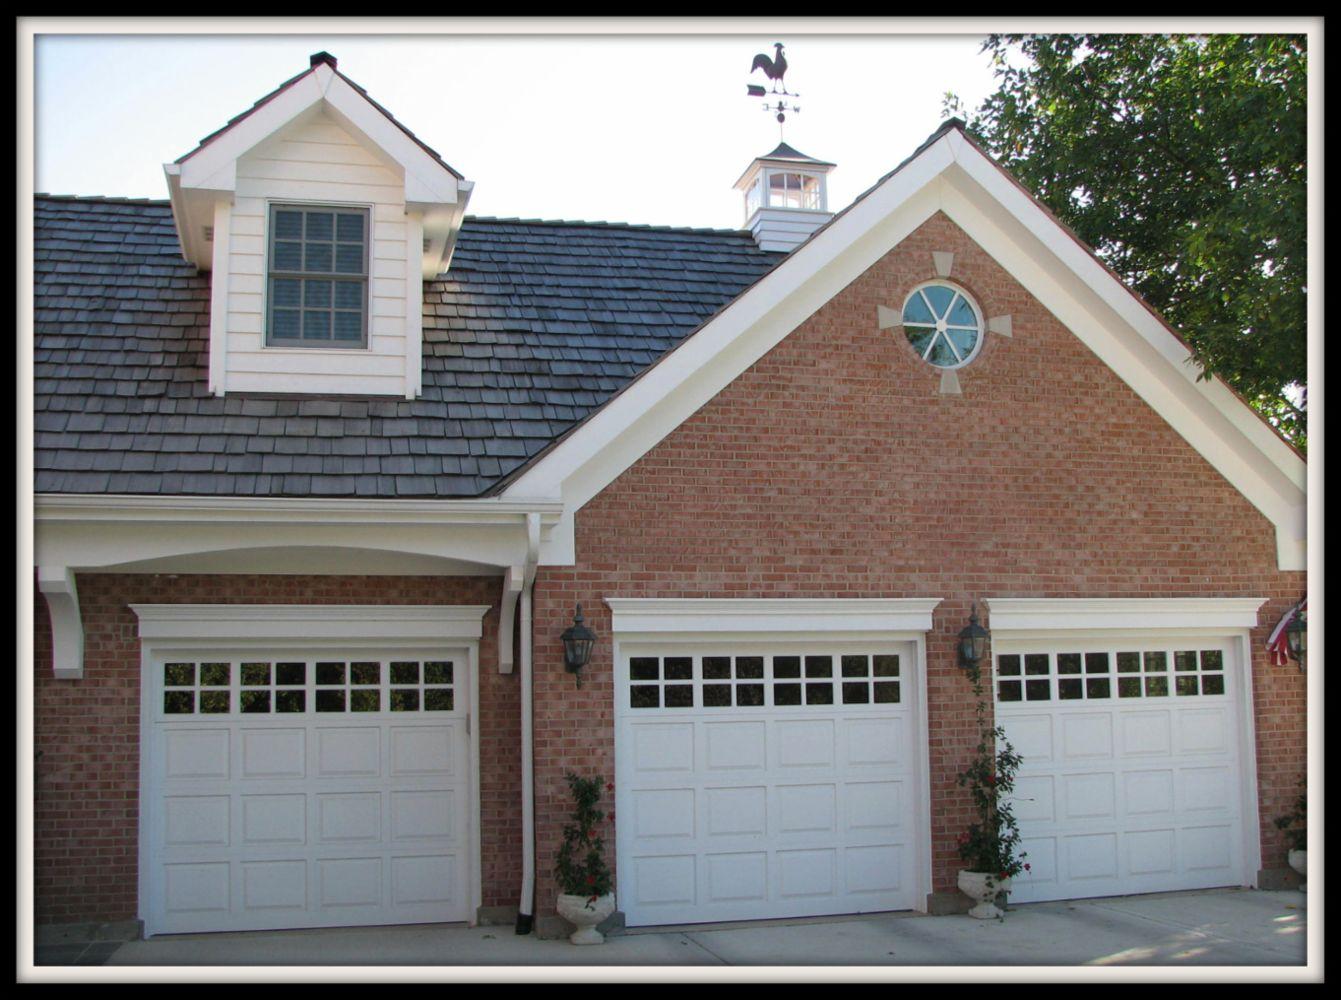 Garage door repair installation in chandler az 5stars for Surprise garage door repair